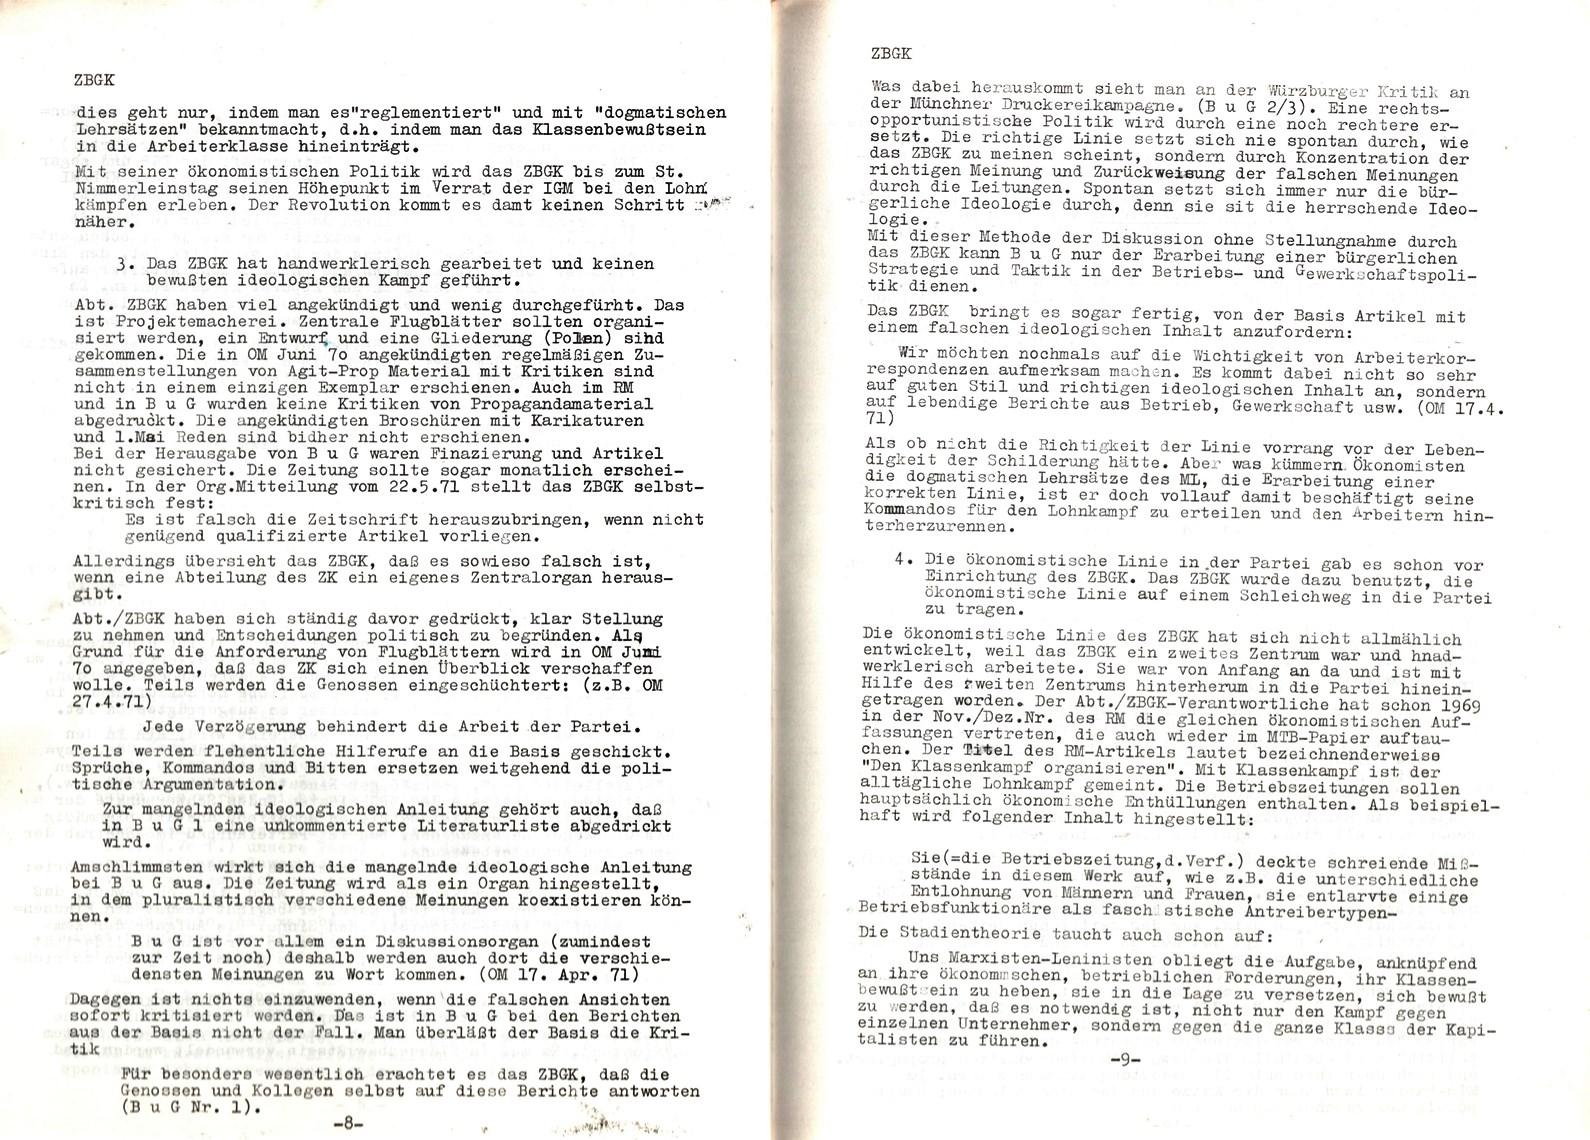 KPDML_1971_Analysen_und_Antraege_des_LV_Sued_West_026